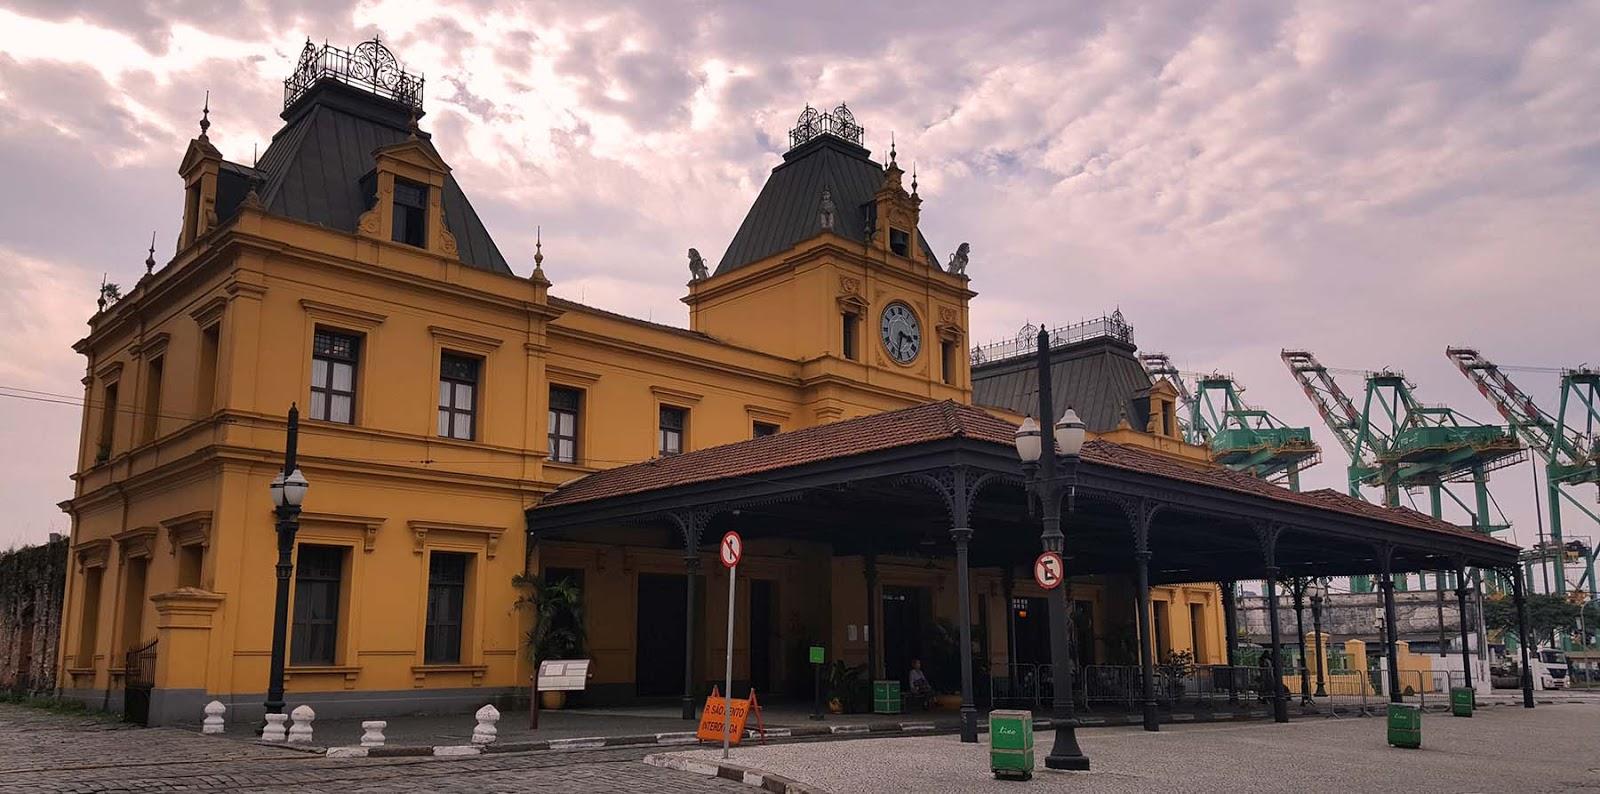 Estação de trem do Valongo, Santos, SP.